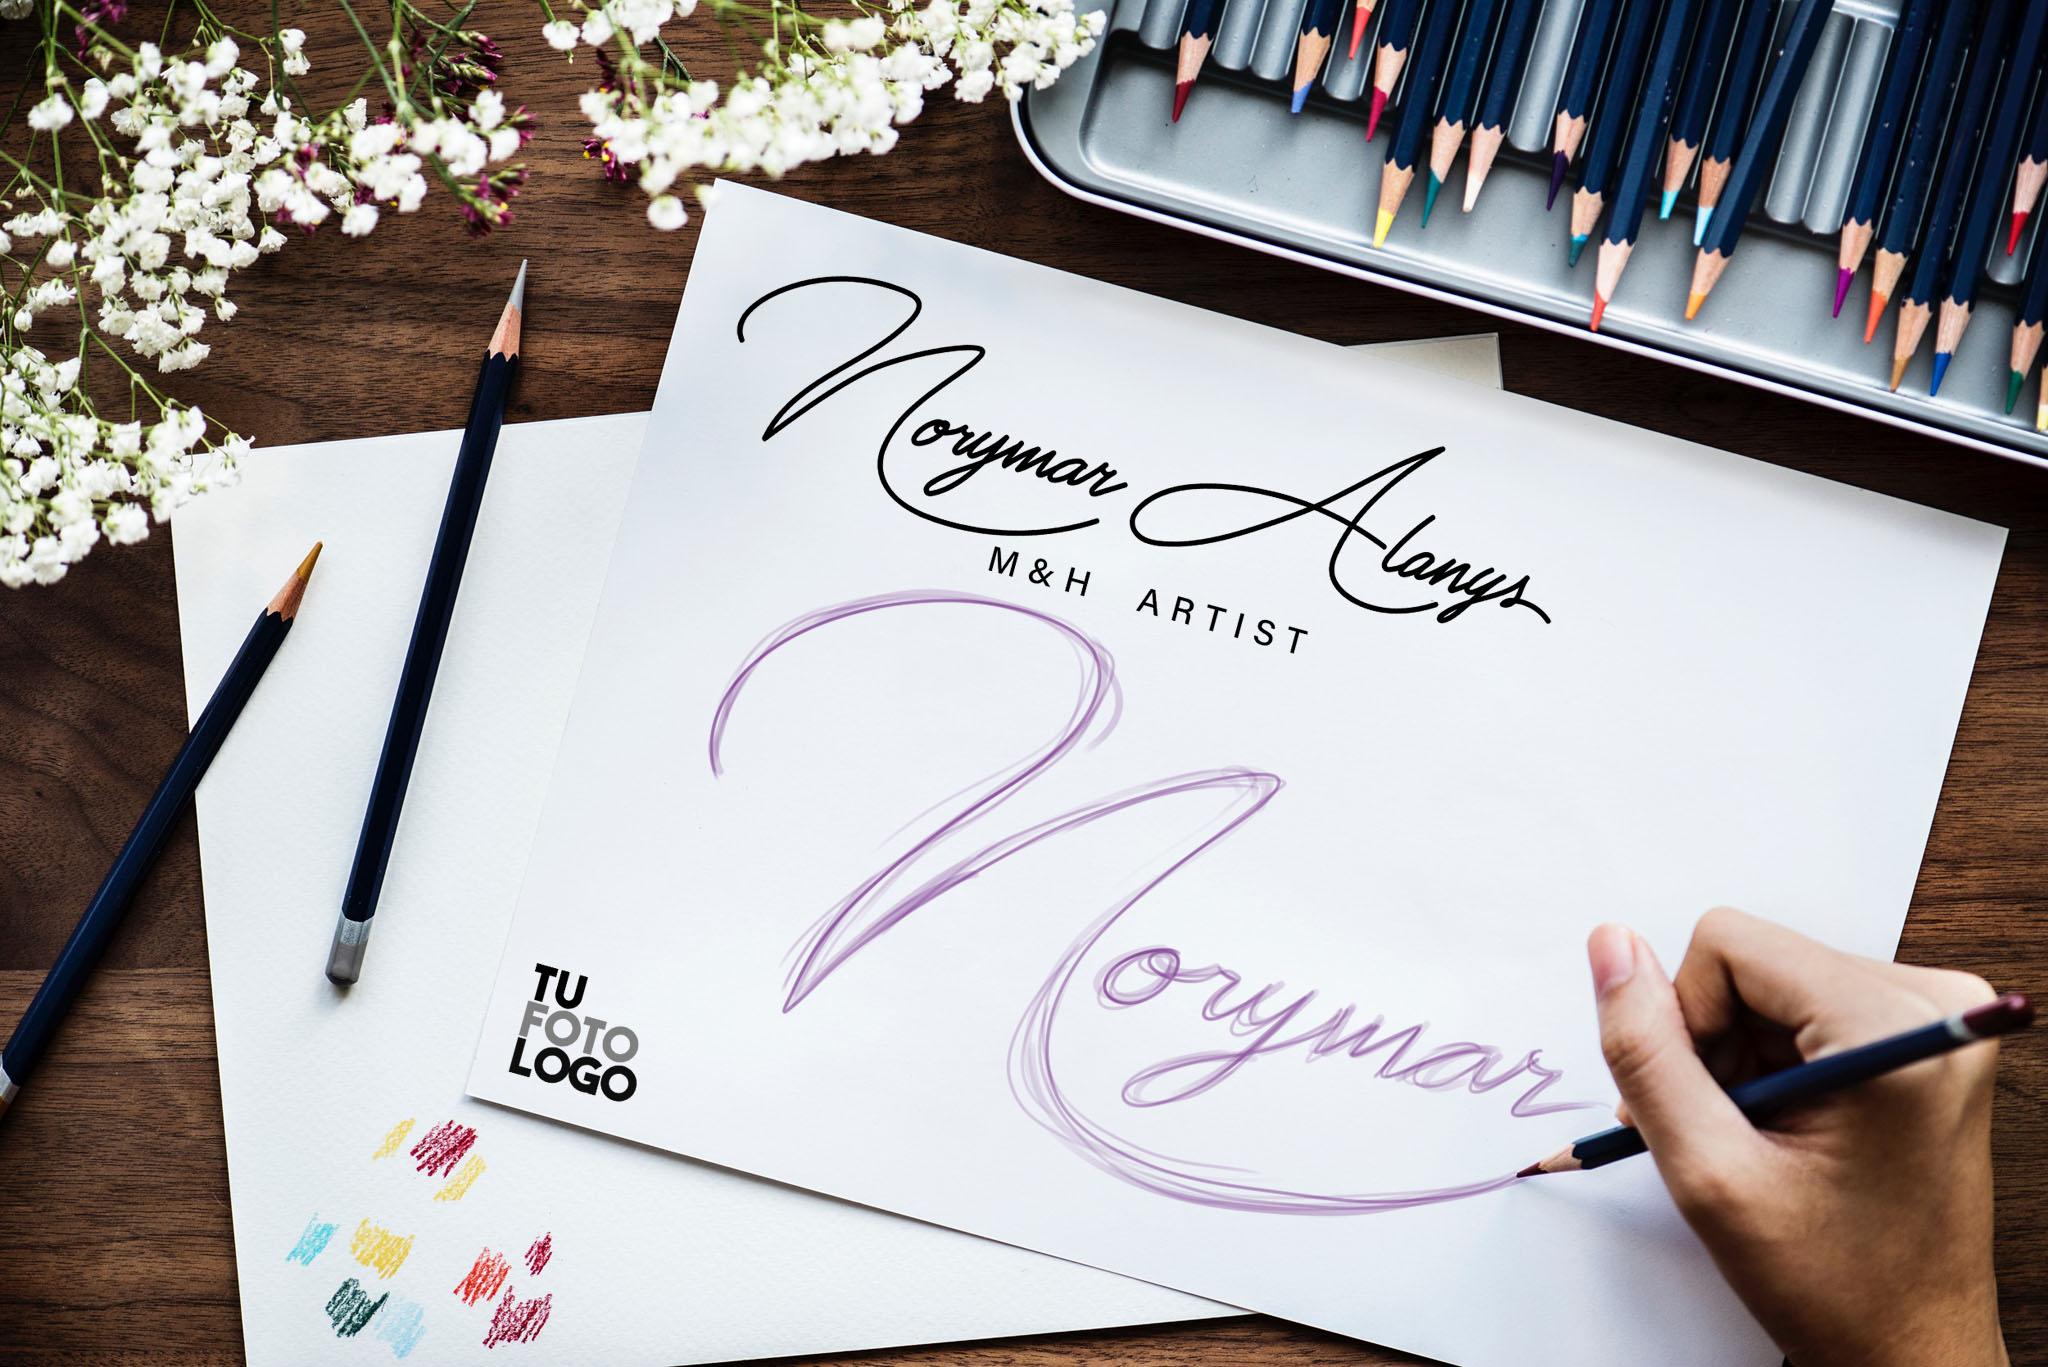 Les presentamos el logo de Norymar Alanys